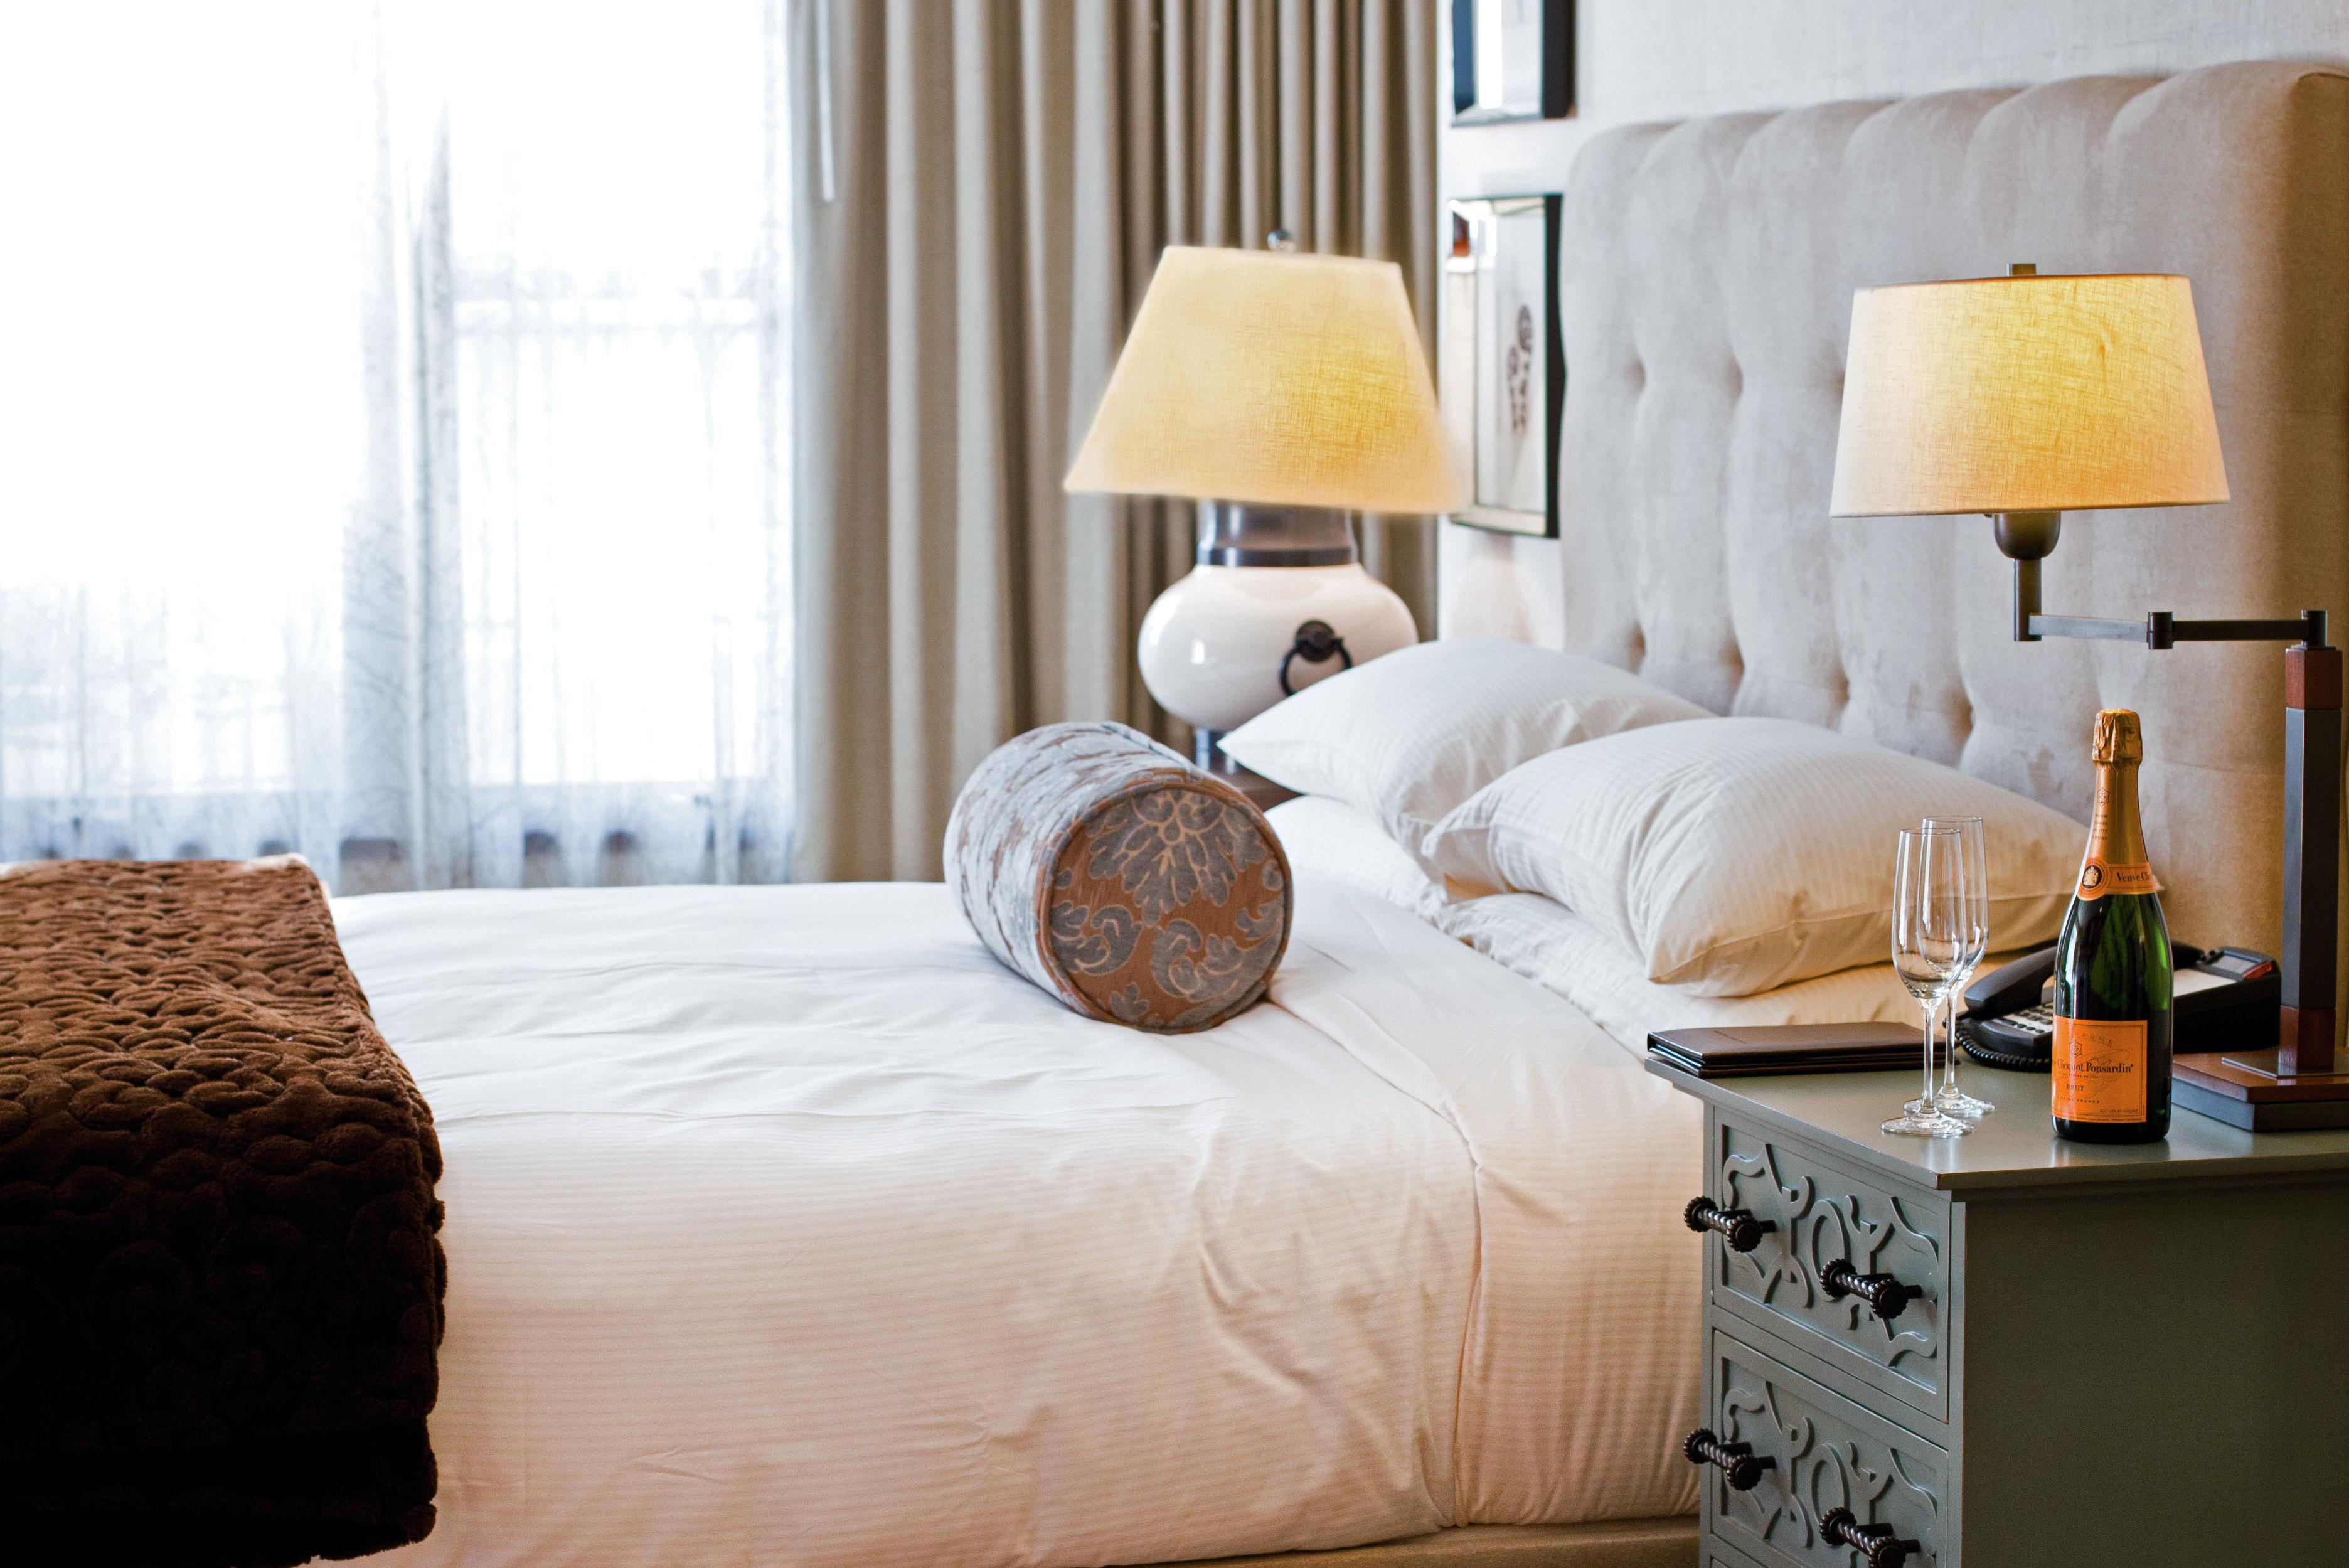 Luxuryhotels.hyatt uutxhi